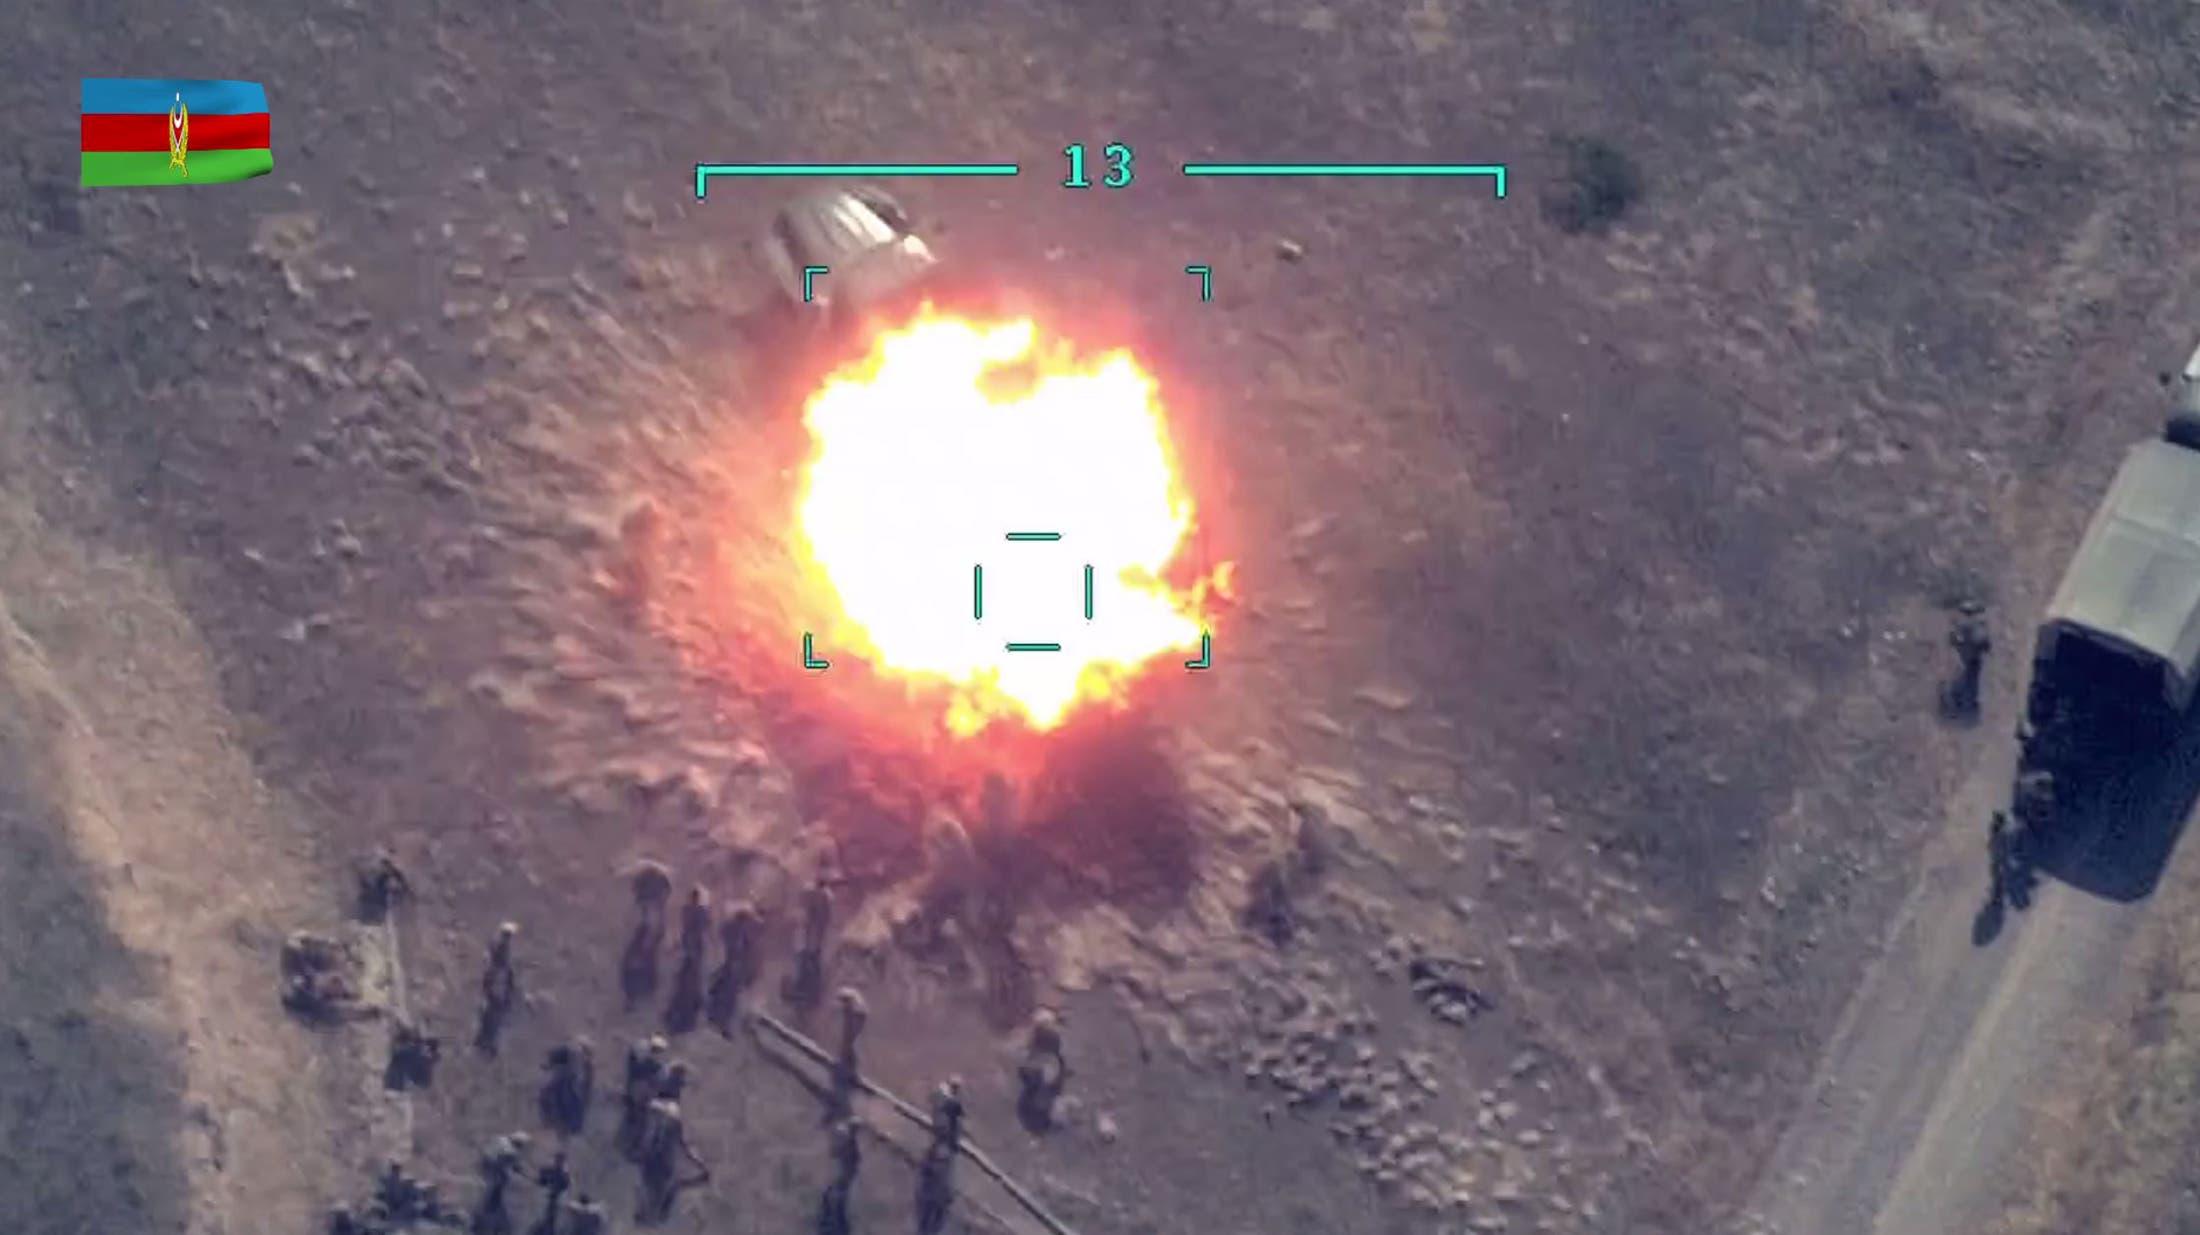 وزارة دفاع أذربيجان تنشر صورة استهداف قوات أرمنية في ناغورني كاراباخ (فرانس برس)